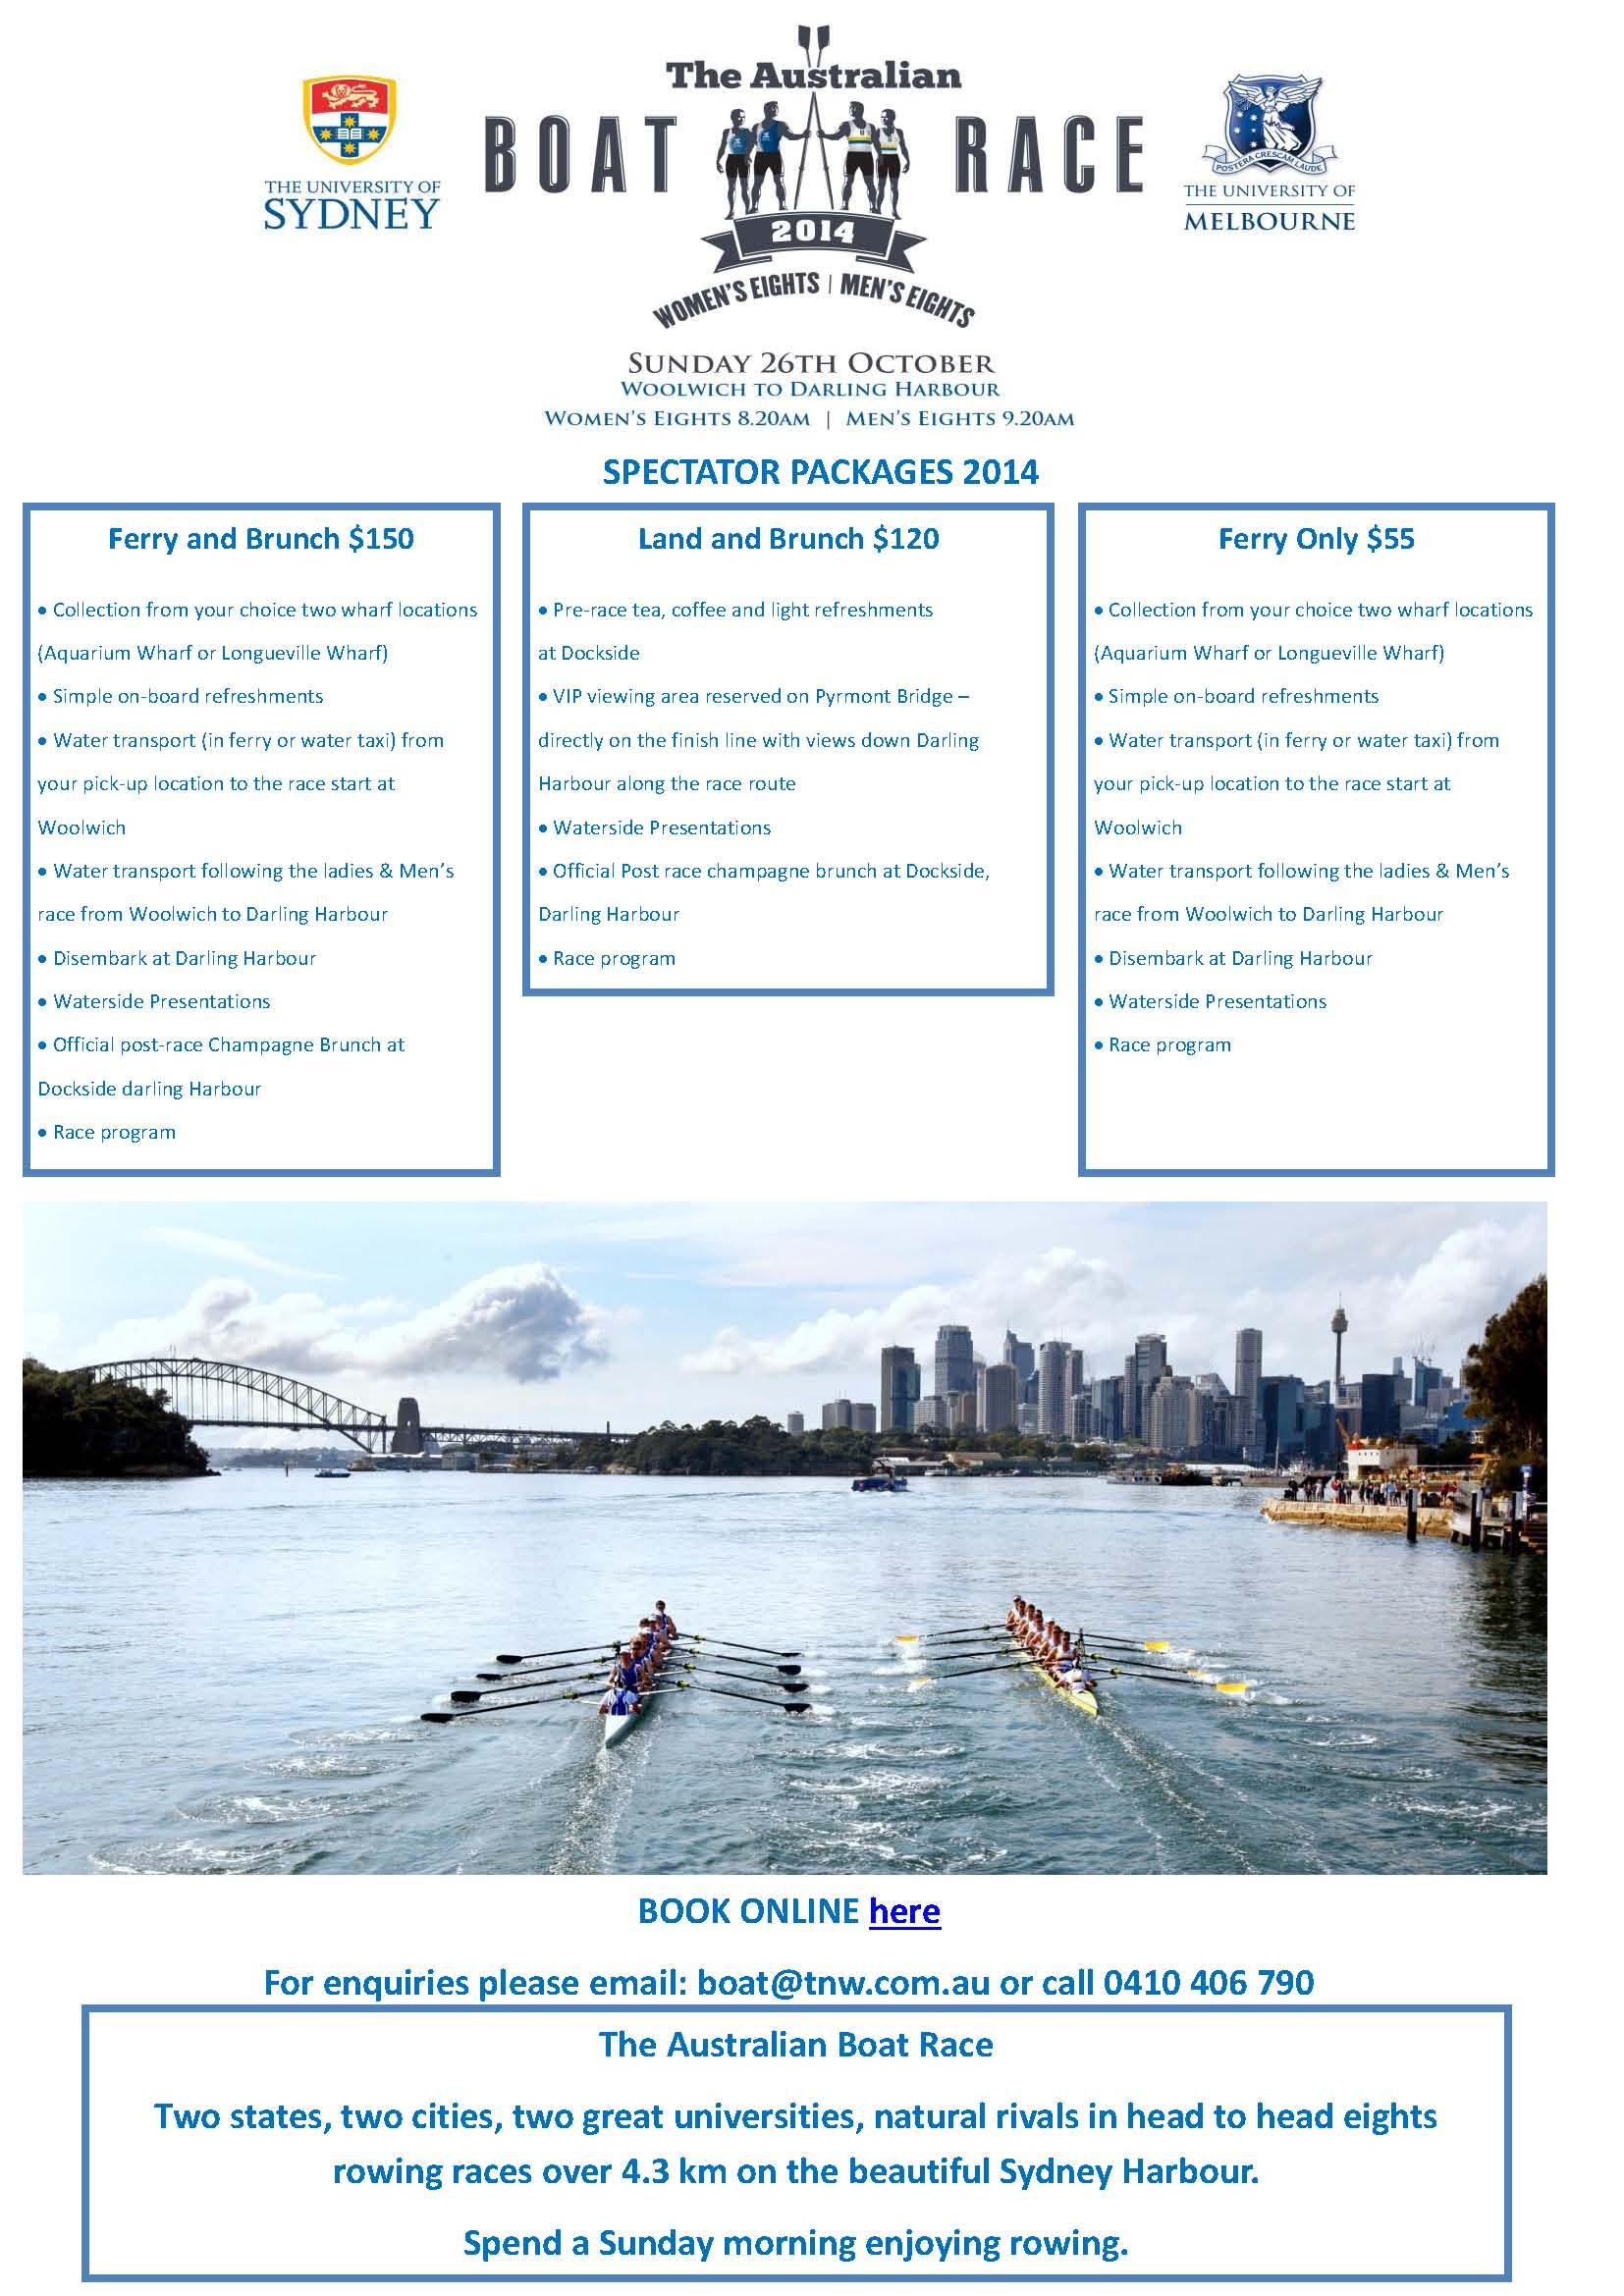 Boat-Race-Promo-V1.jpg